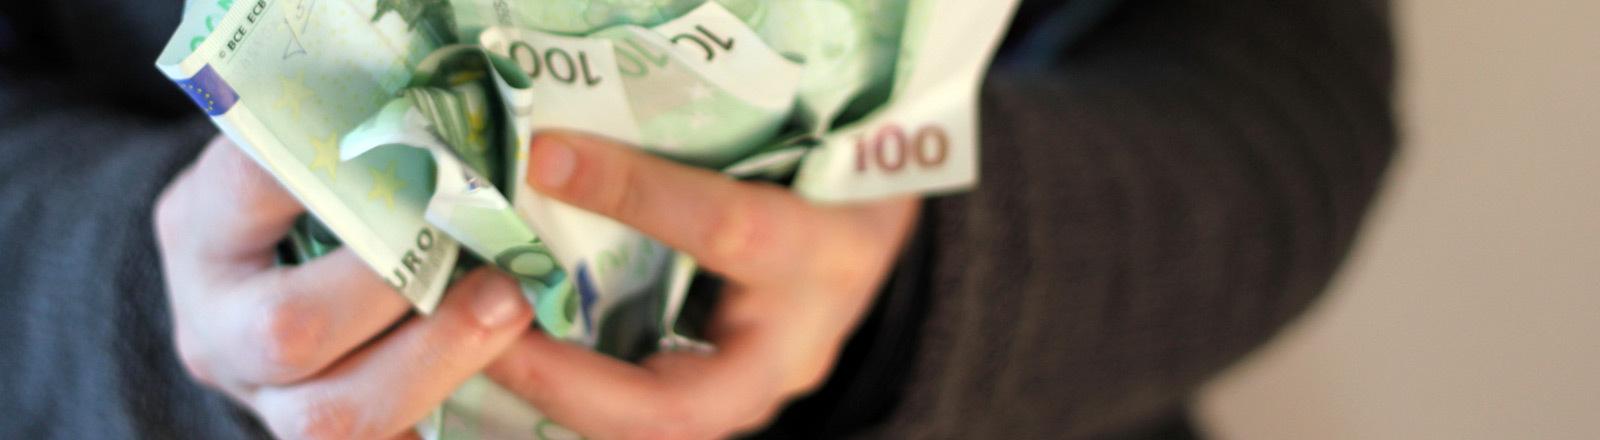 Eine Person hält viele 100-Euro-Scheine in beiden Händen.